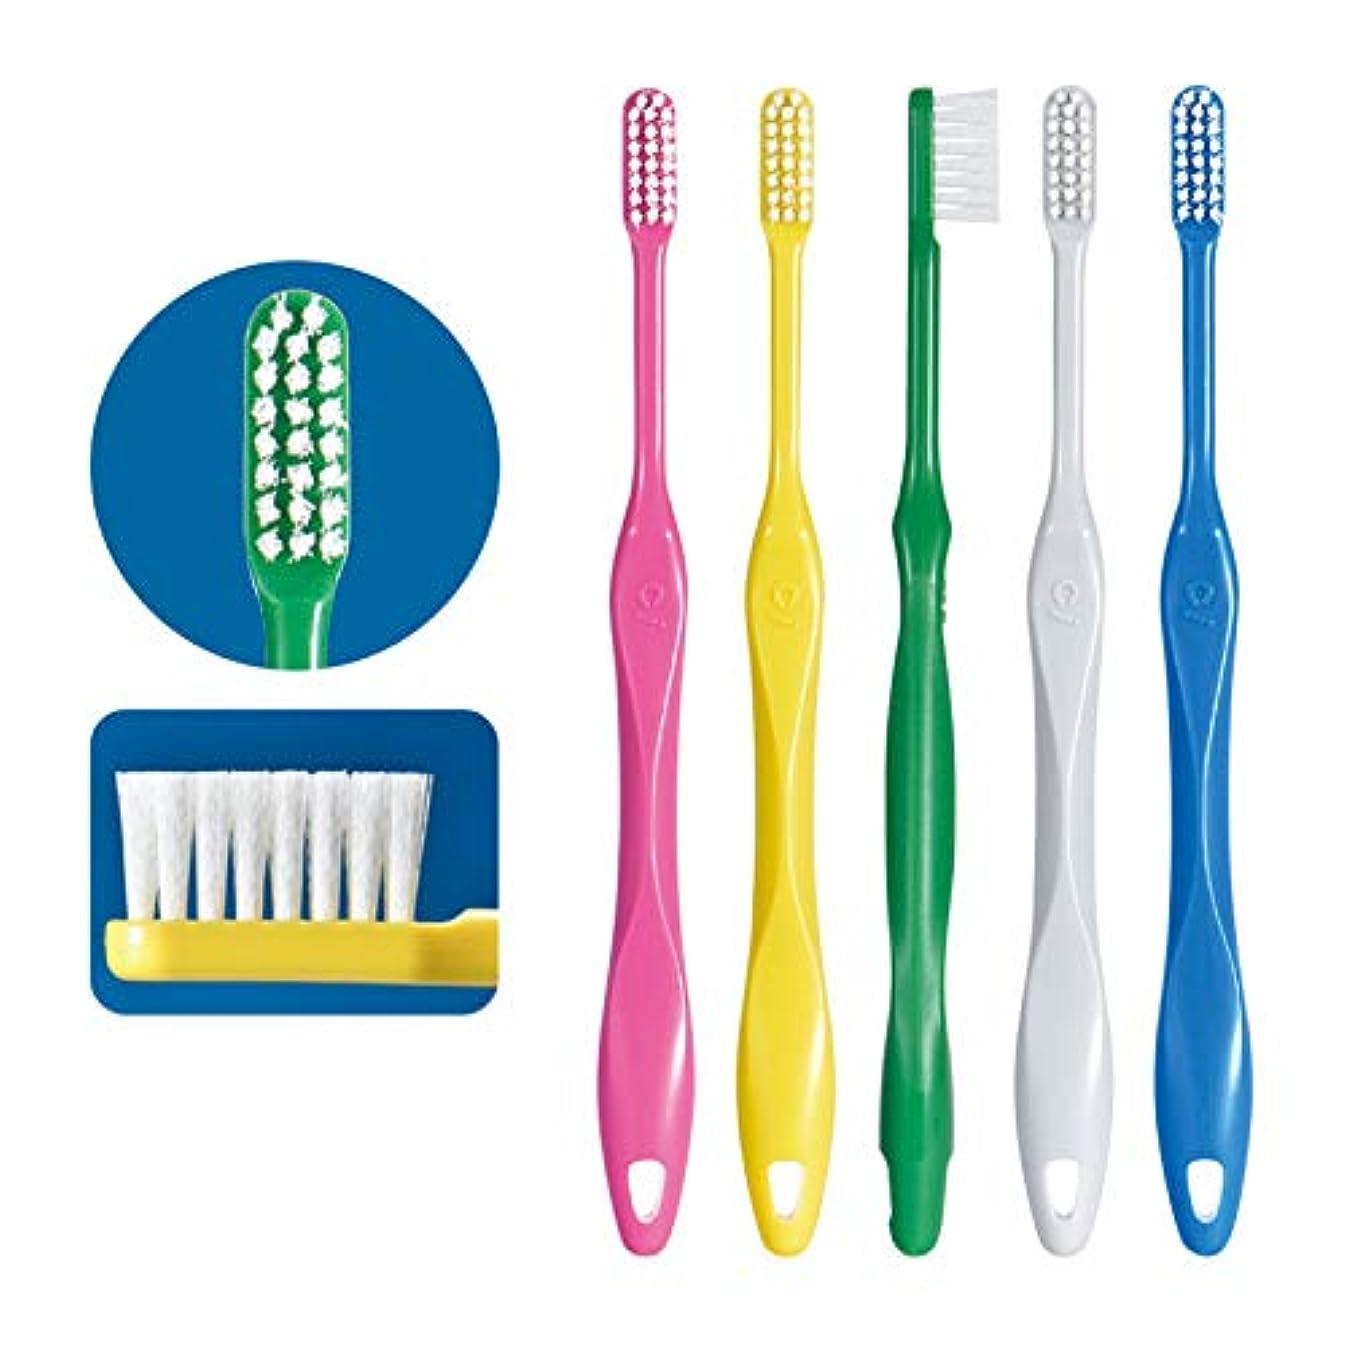 蓄積するポールささいなCi スマート 歯ブラシ 20本 S(やわらかめ) 日本製 大人用歯ブラシ 歯科専売品